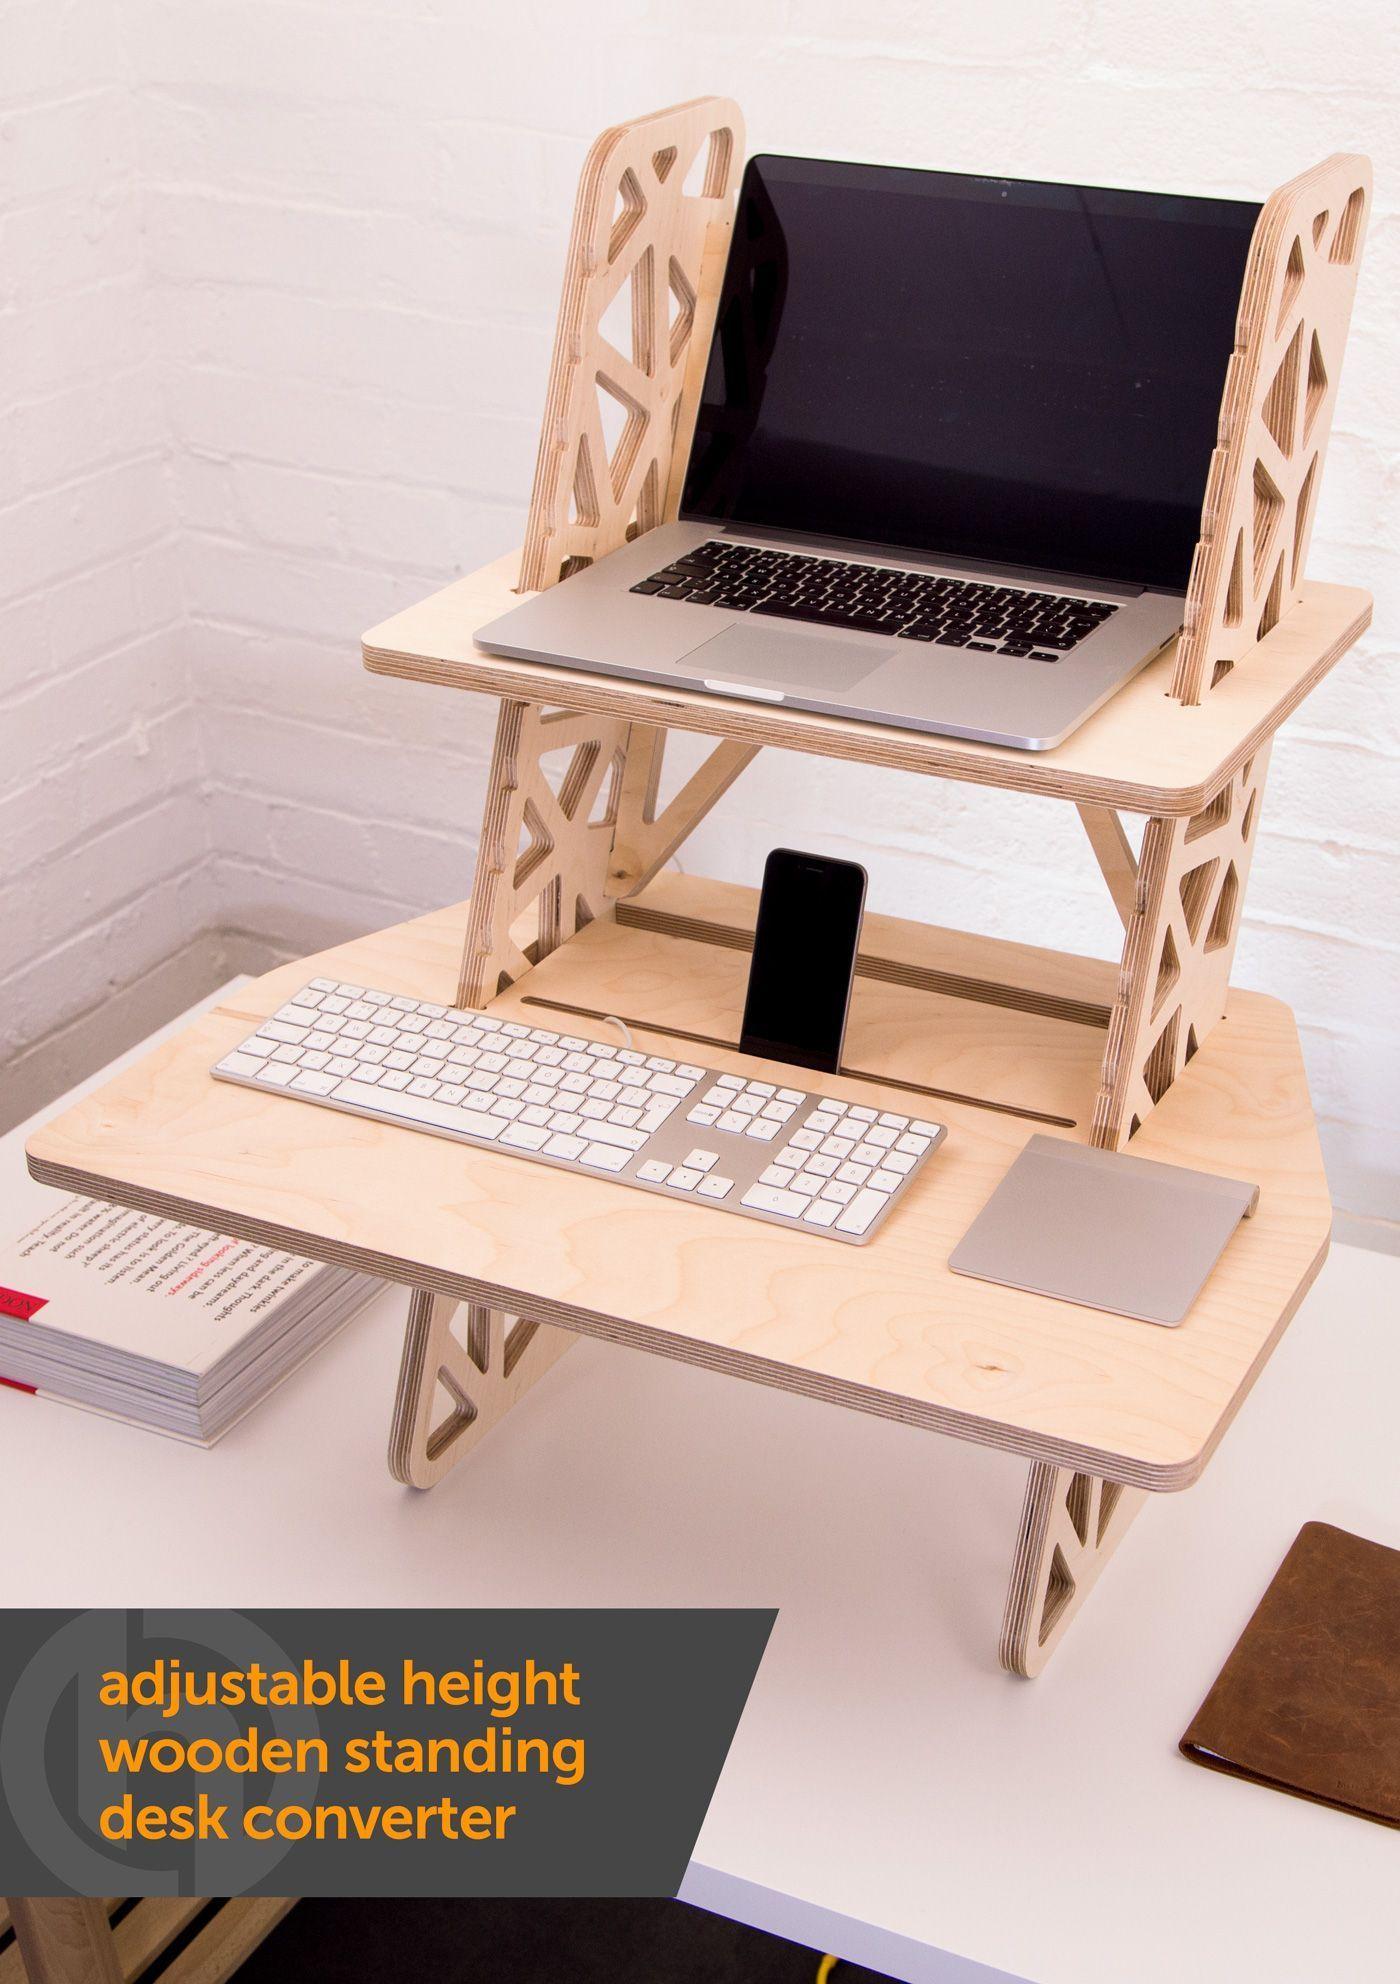 Adjustable Height Wooden Standing Desk Converter This Ergonomic Standing Desk Sits On Top Of Your E S Izobrazheniyami Dekorativnyj Yashik Podstavka Dlya Noutbuka Stol Dlya Noutbuka